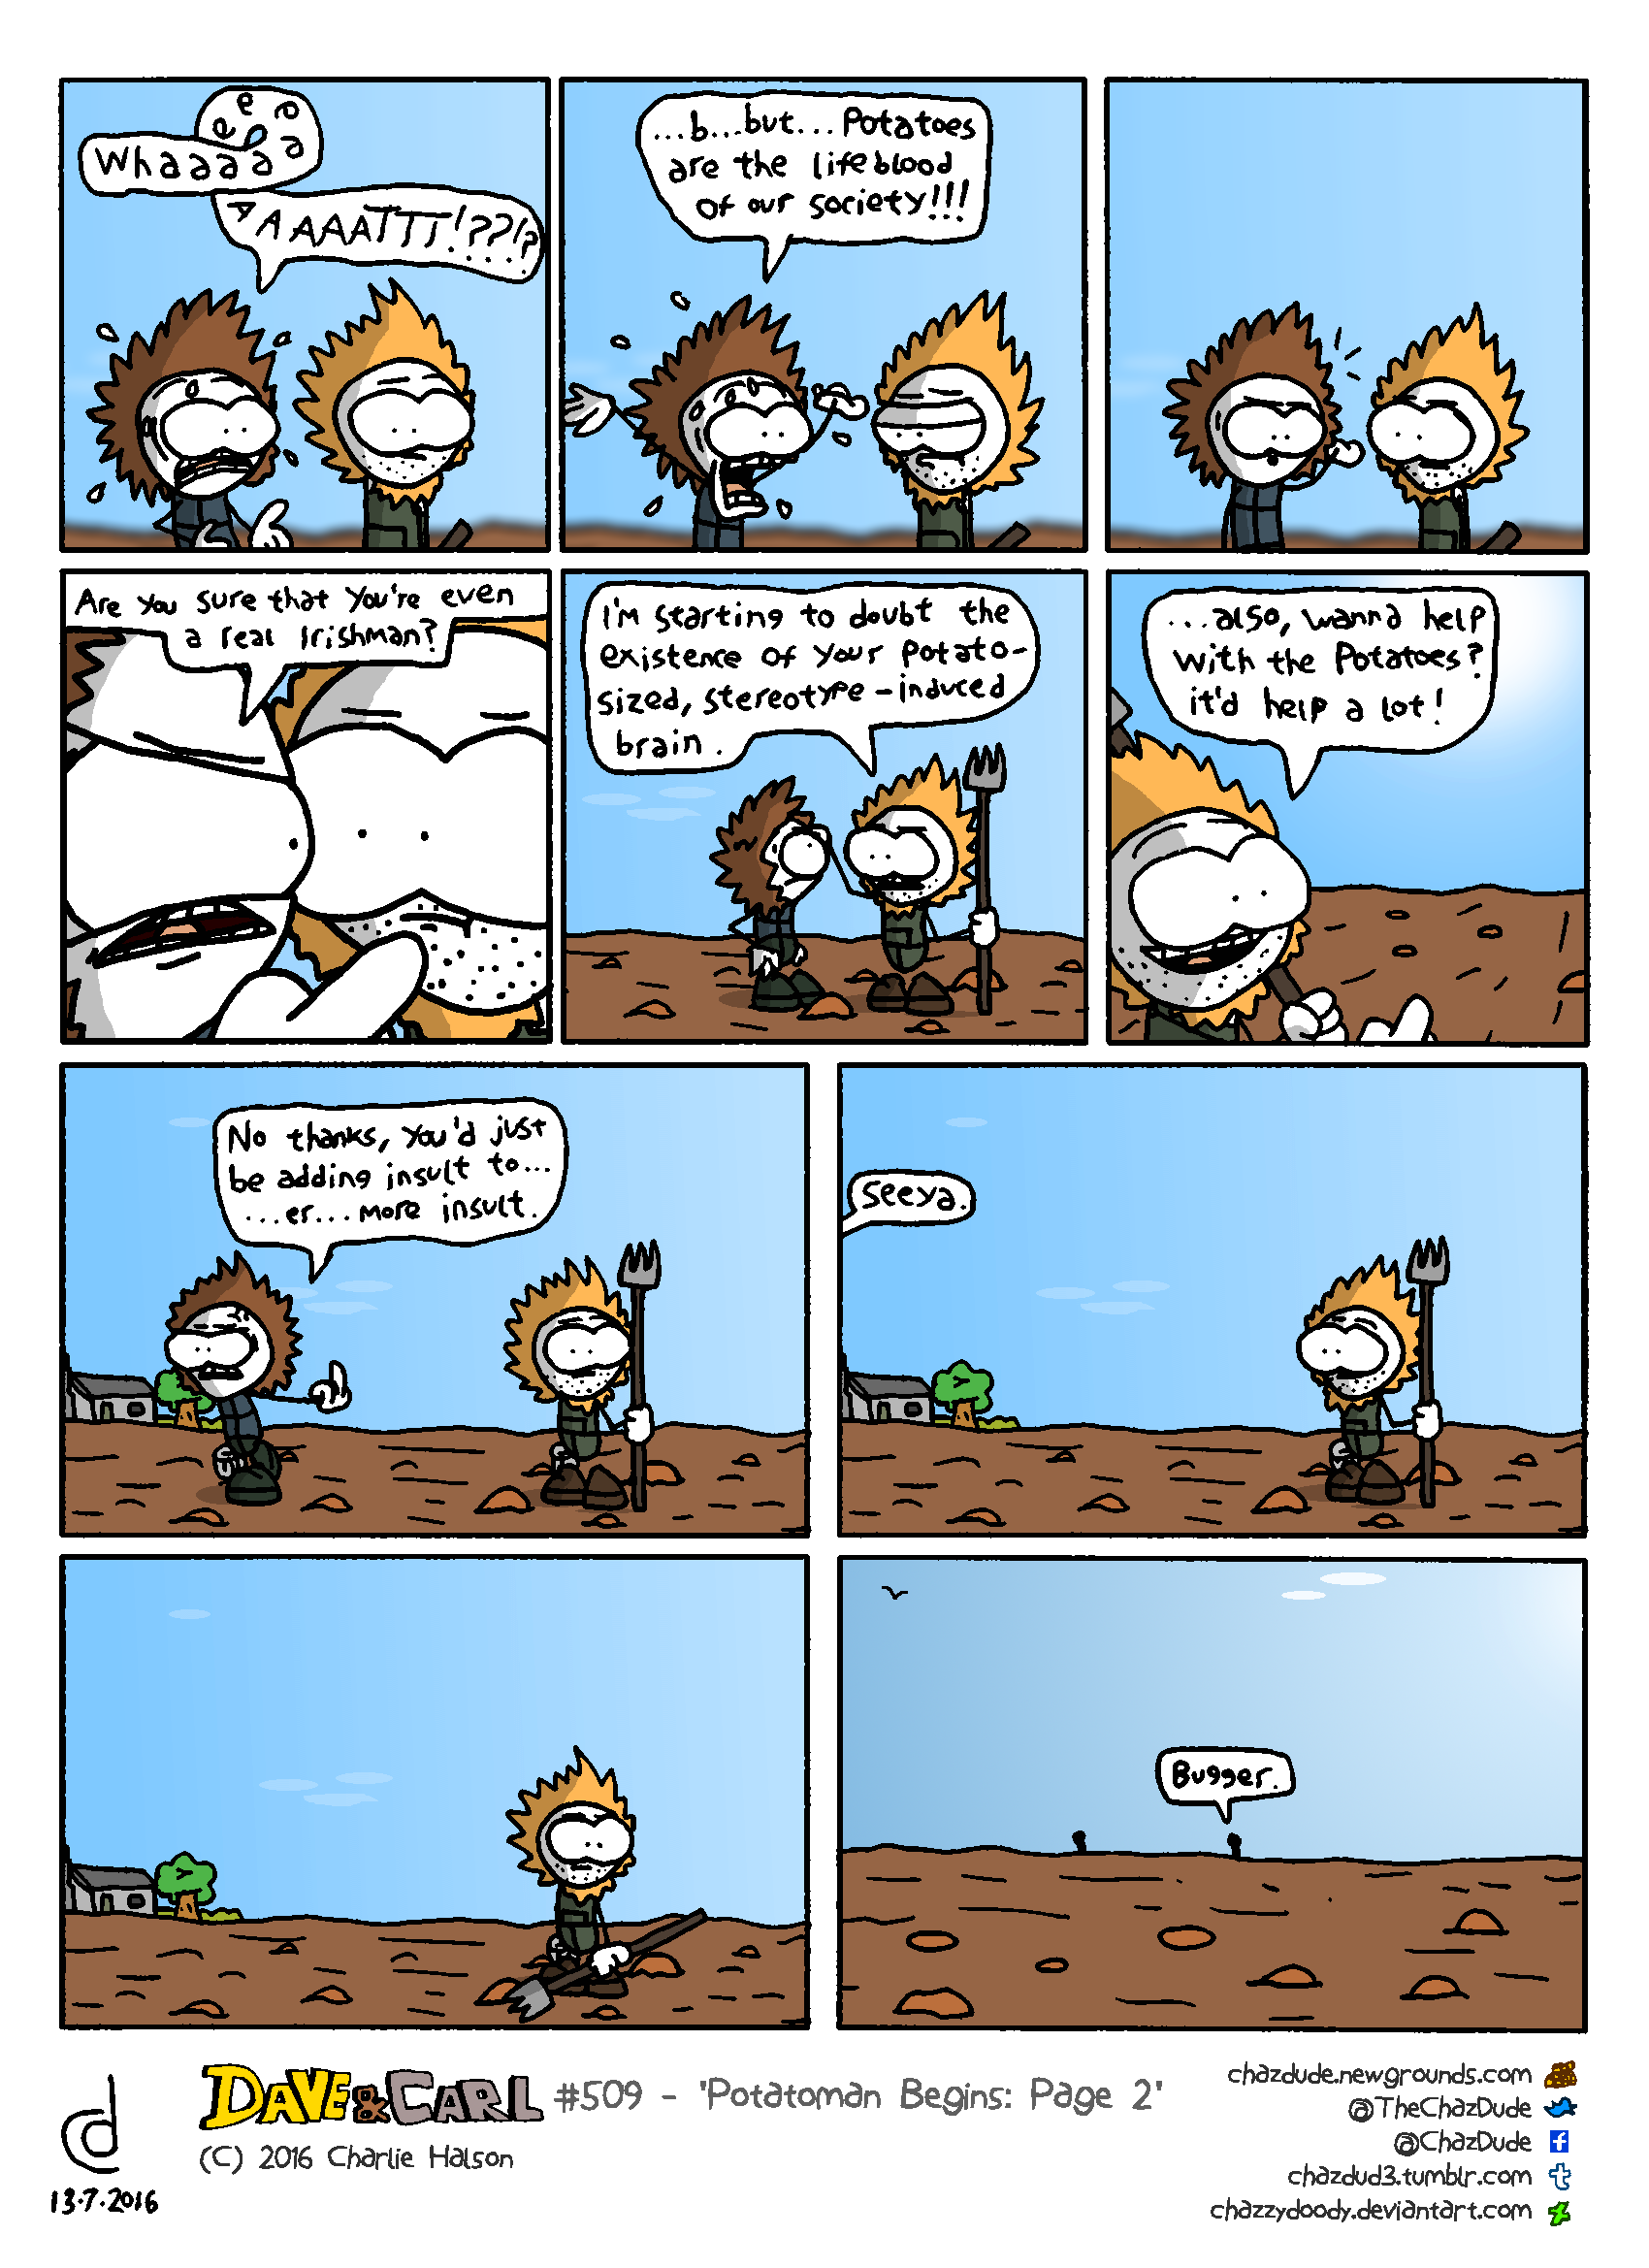 Potatoman Begins: Page 2